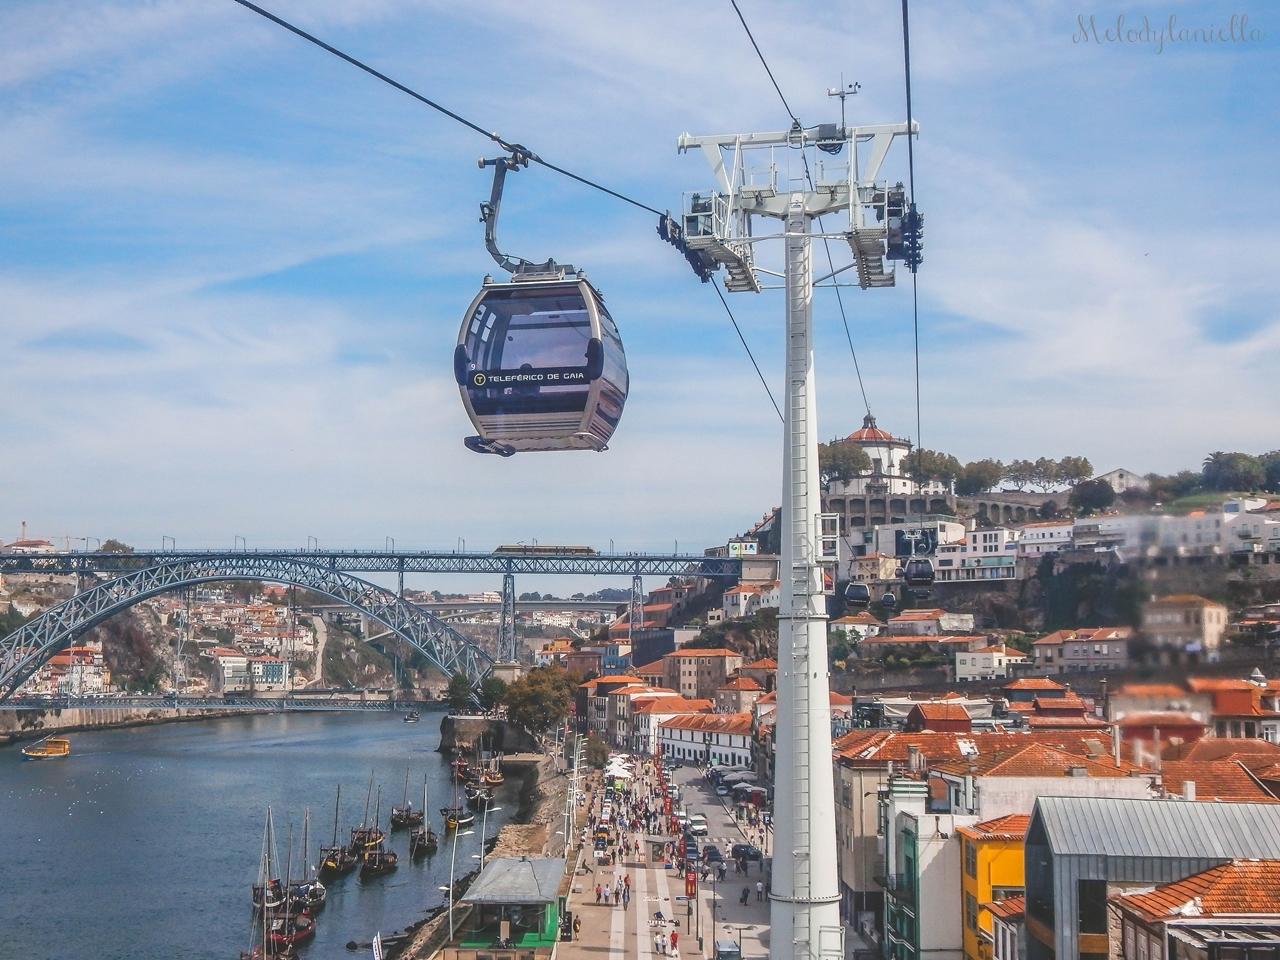 5a Vila Nova de Gaia-2  co zobaczyć w Porto w portugalii ciekawe miejsca musisz zobaczyć top miejsc w porto zabytki piękne uliczki miejsca godne zobaczenia blog podróżniczy portugalia melodylaniella